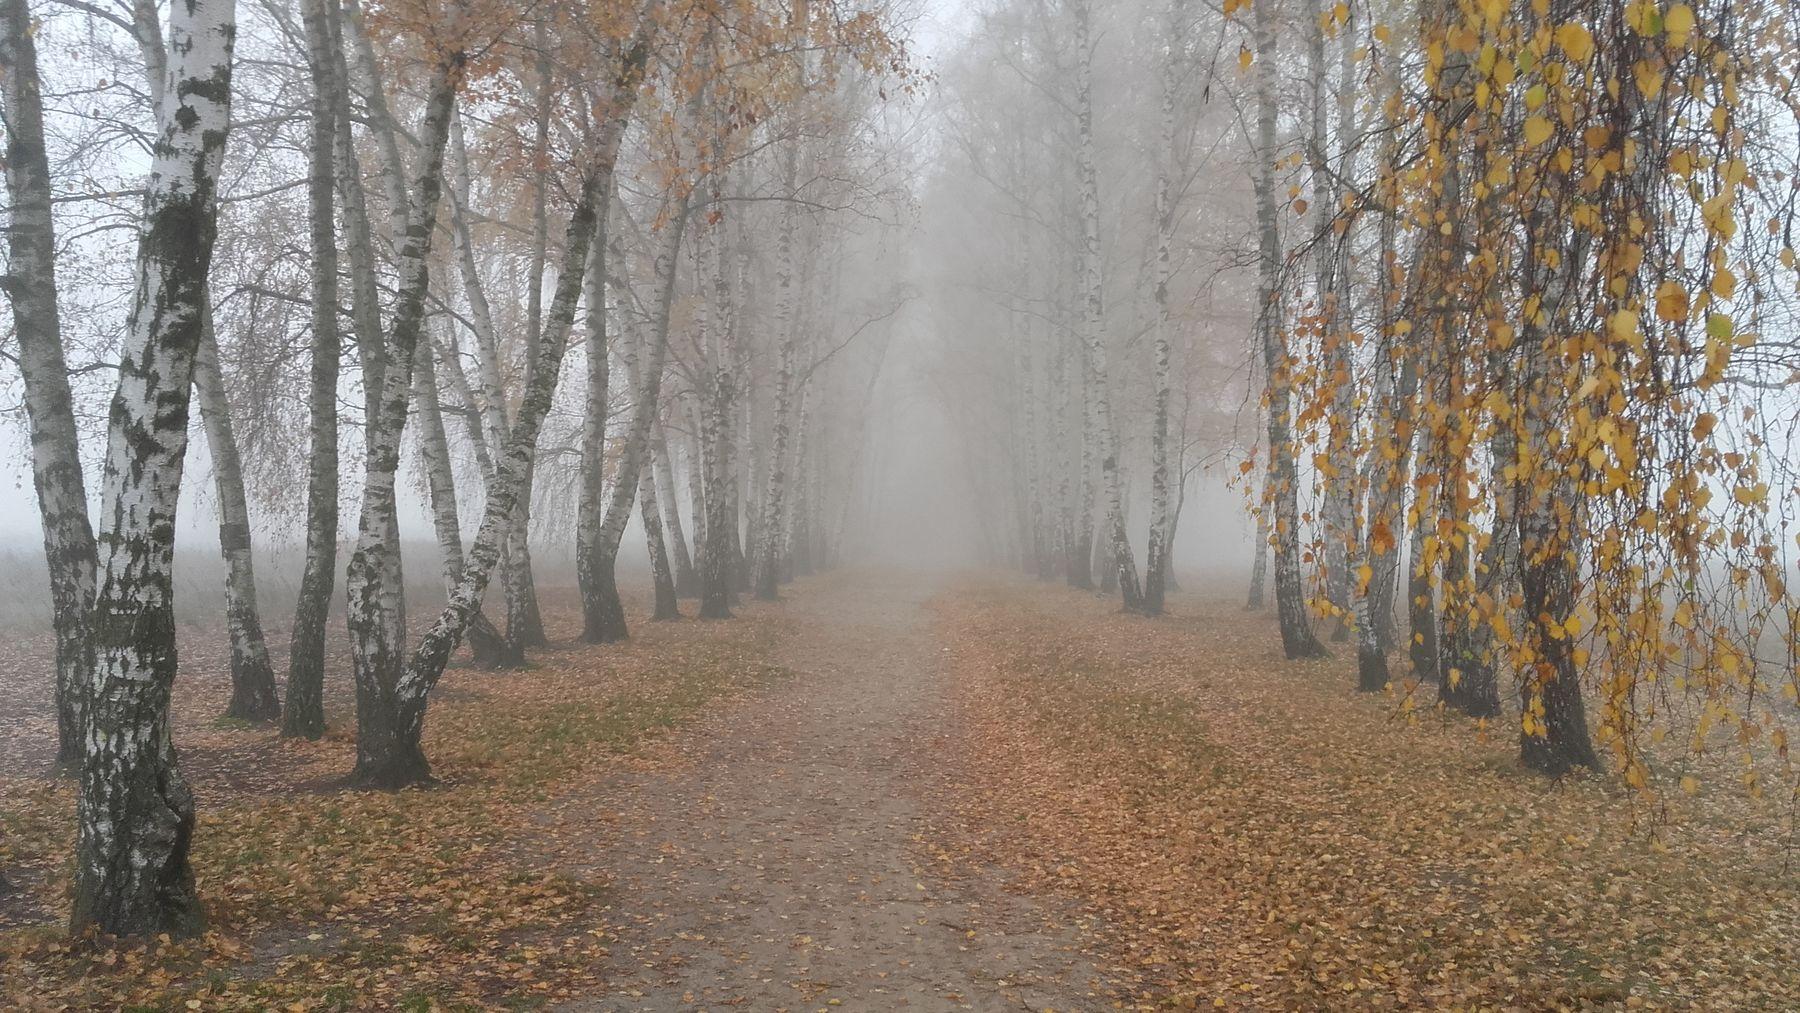 осенний туман осень туман деревья